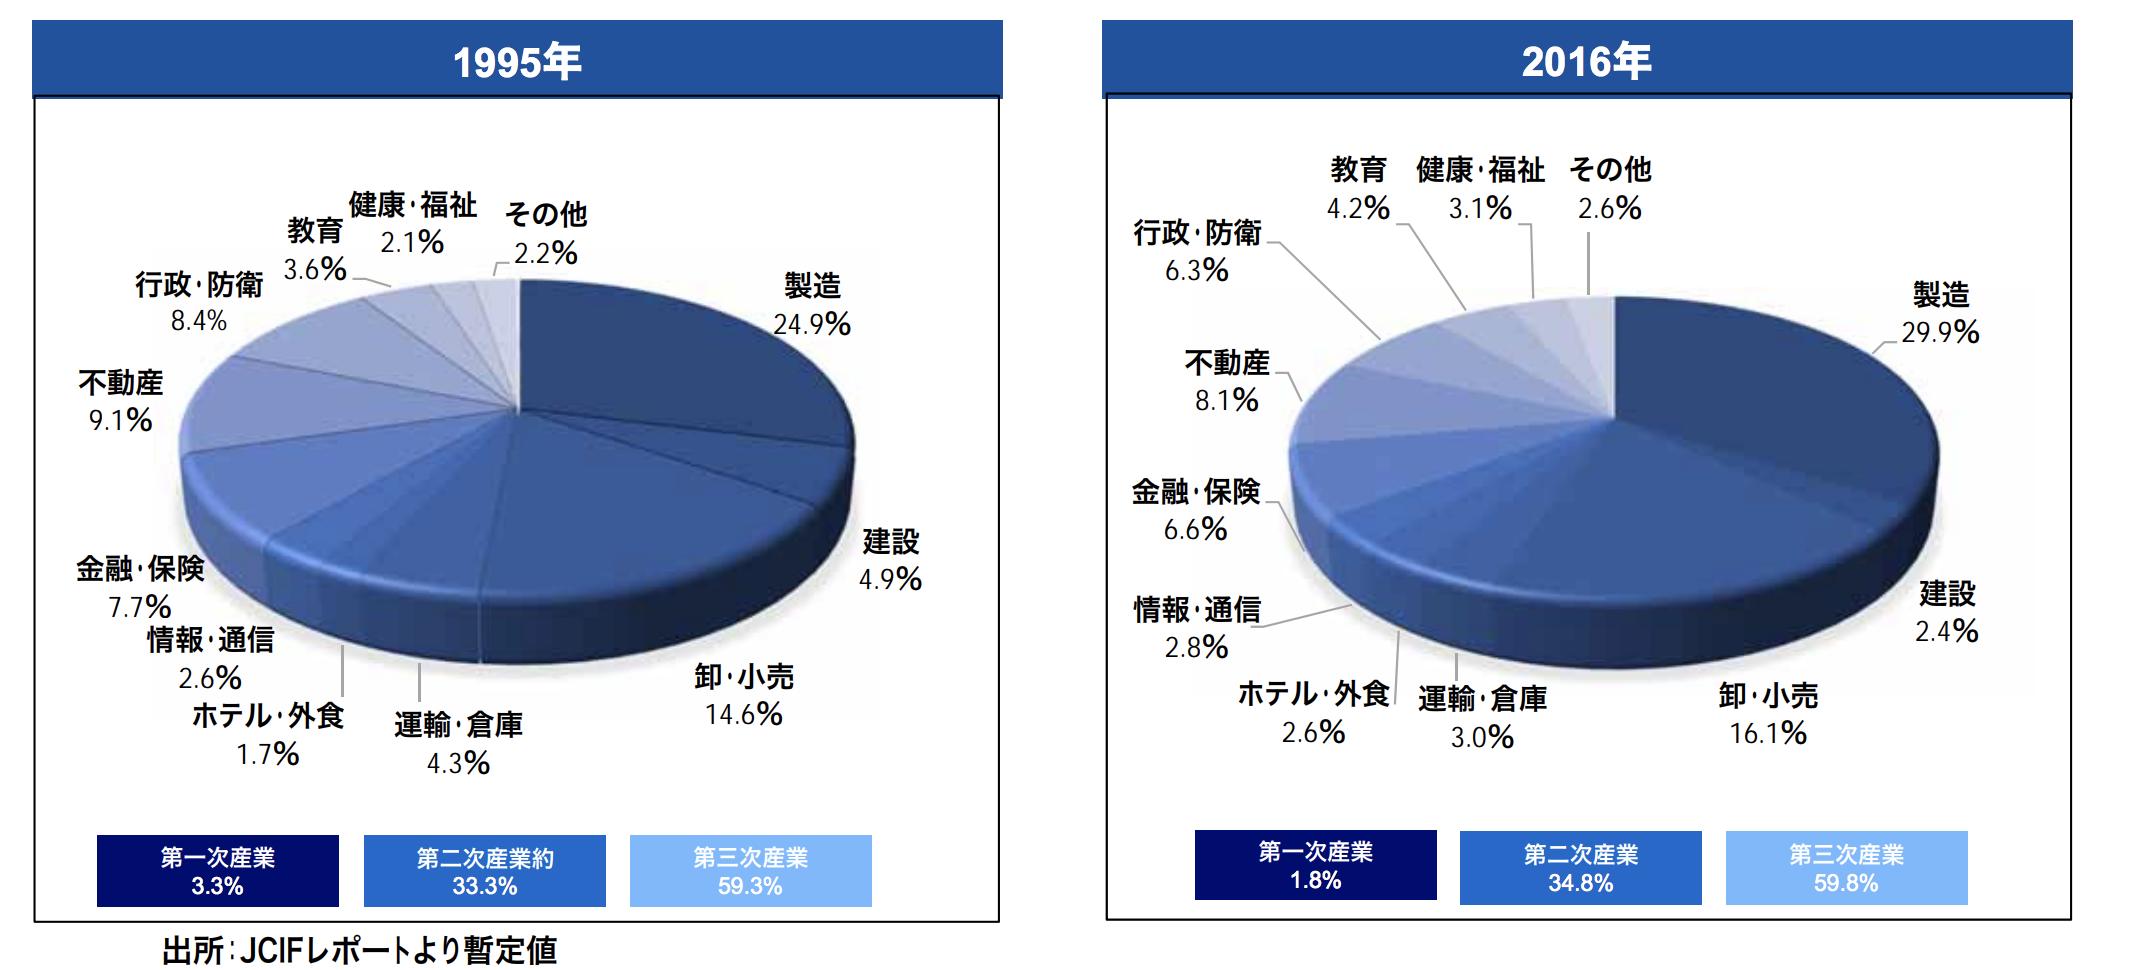 台湾産業構造